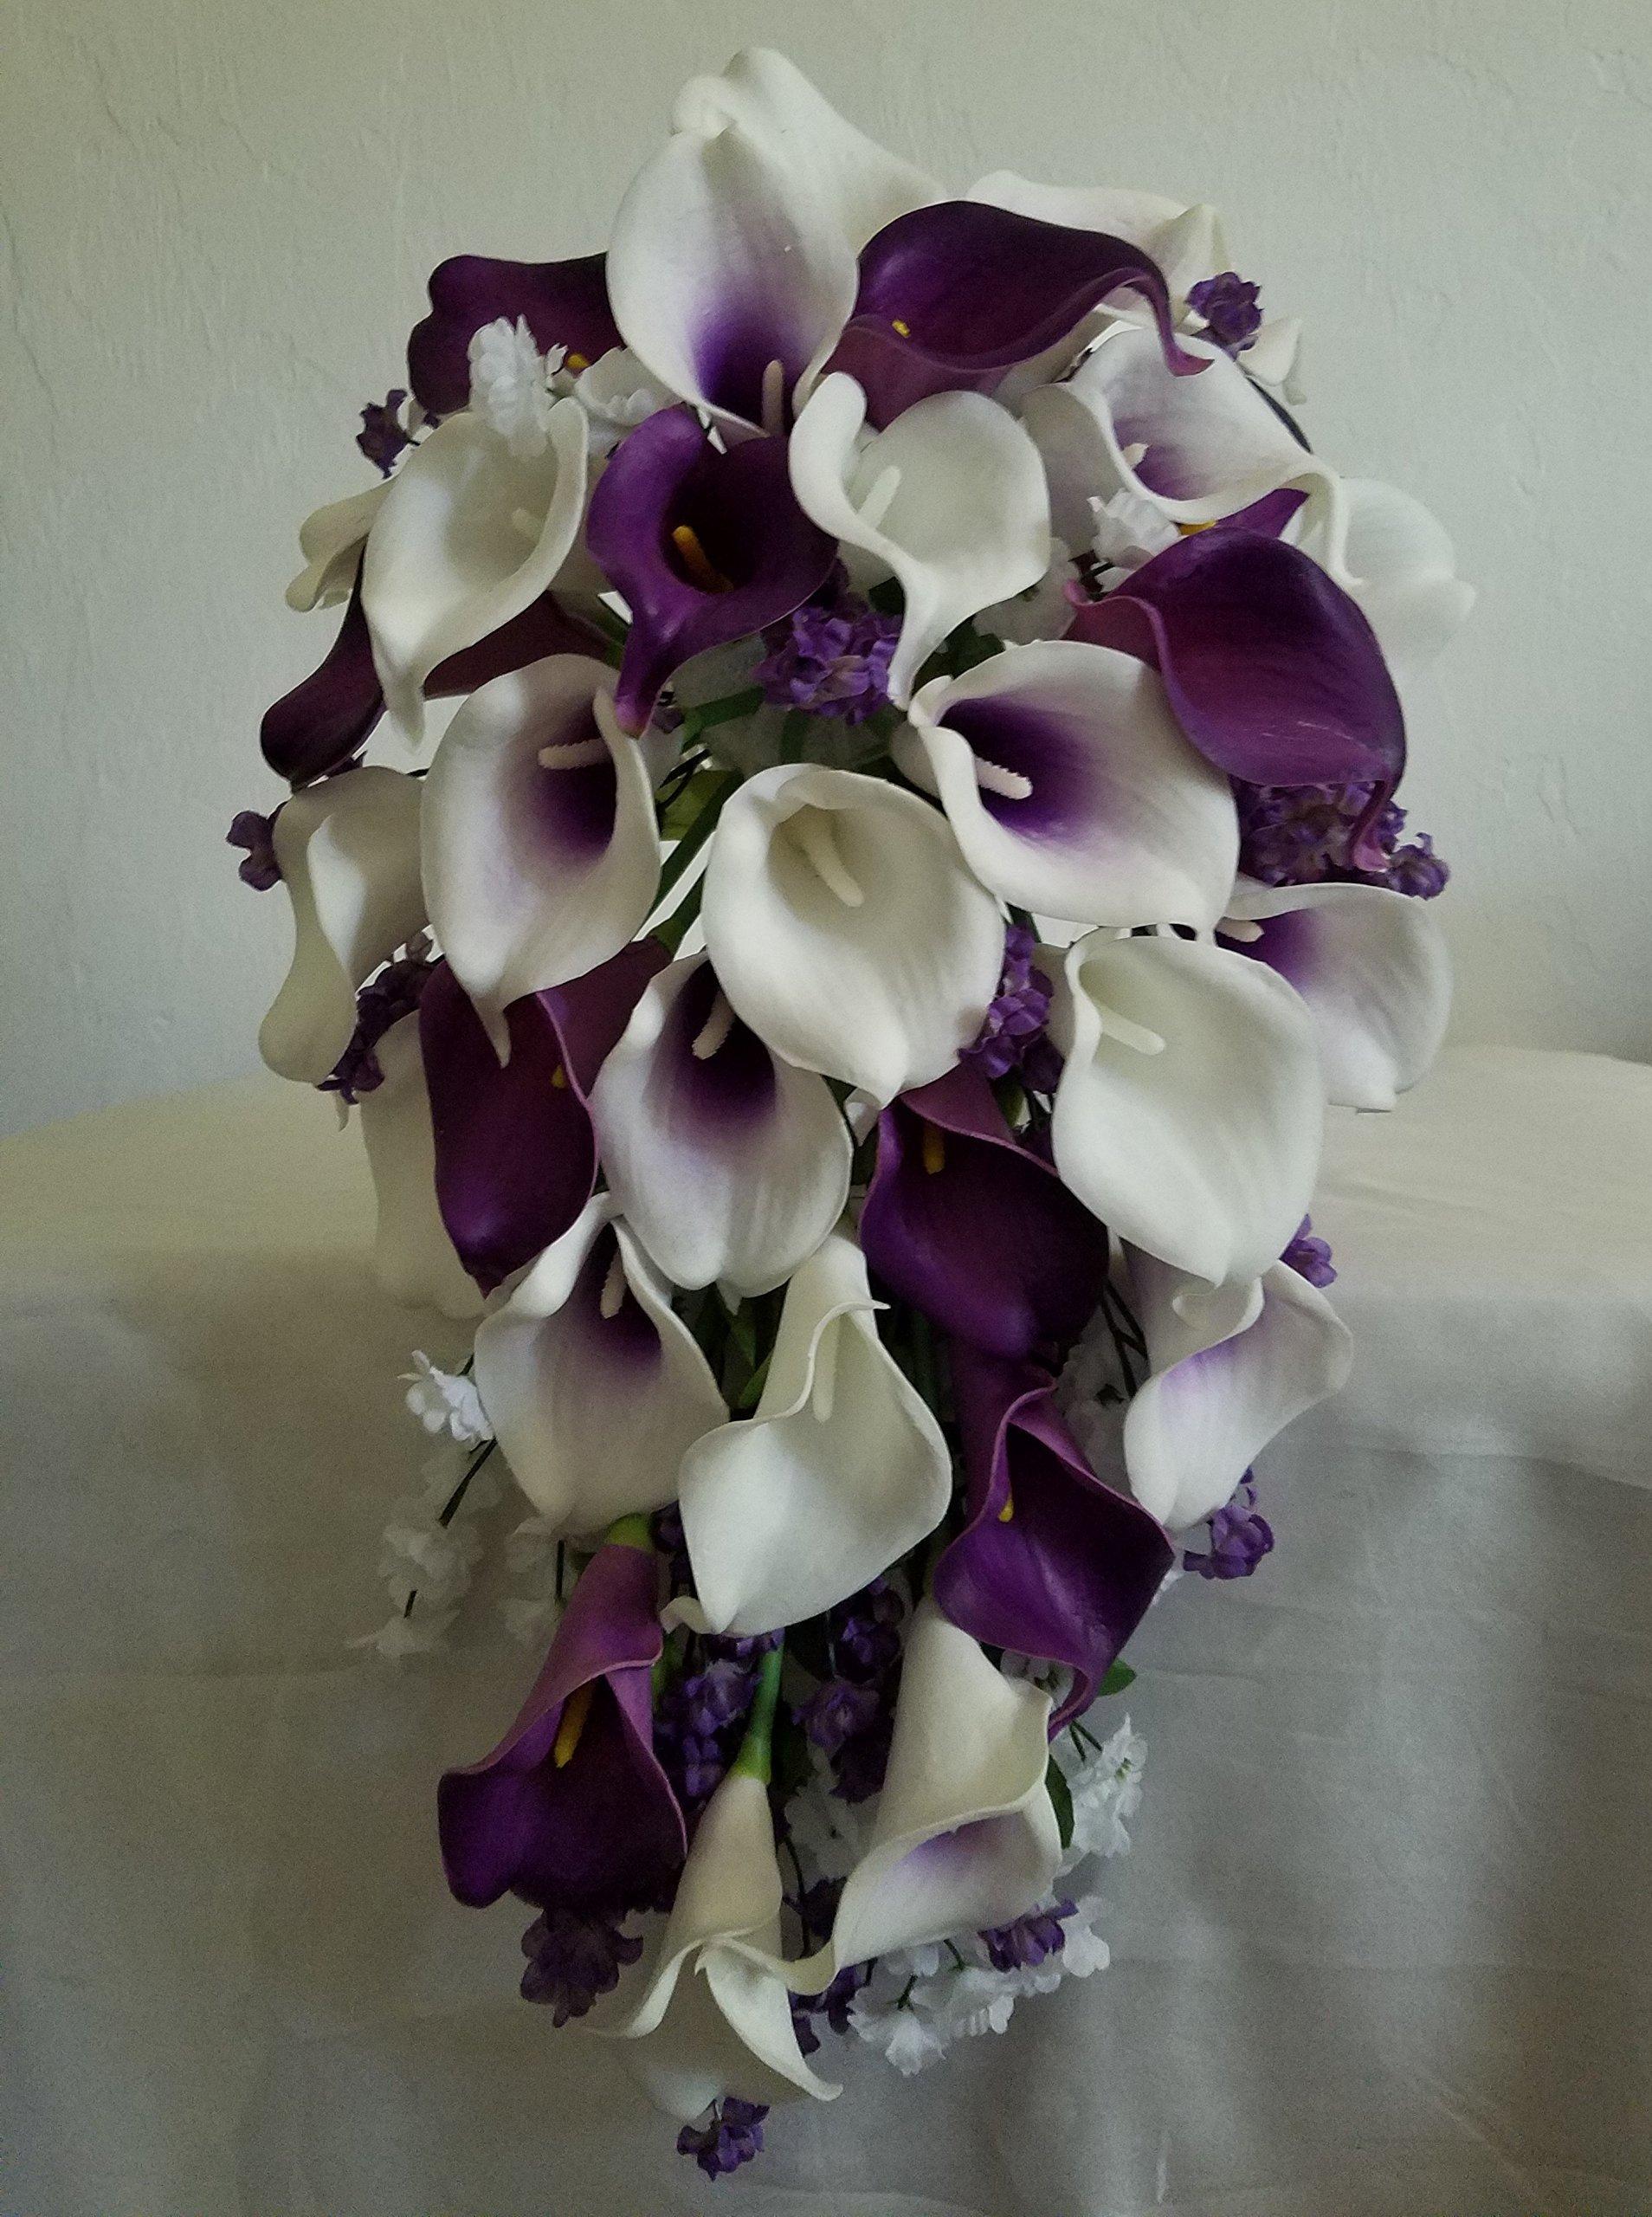 silk flower arrangements purple ivory white calla lily bridal wedding bouquet accessories